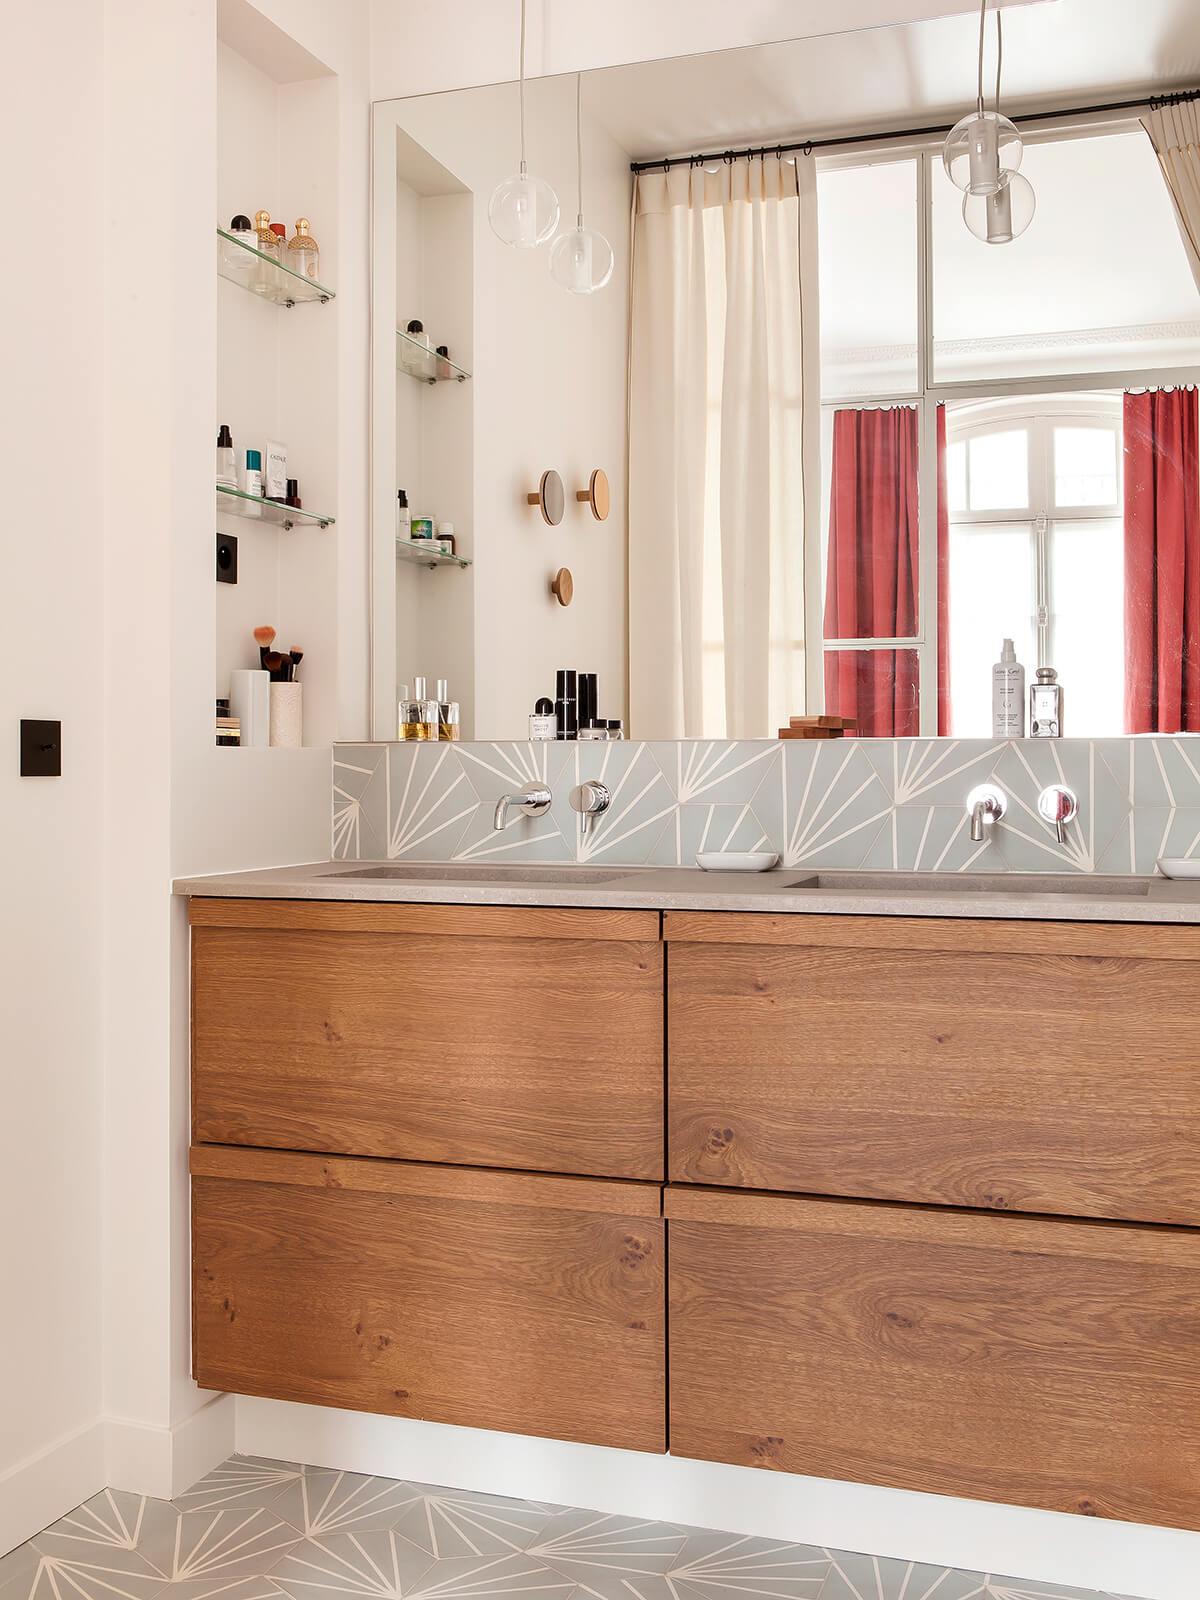 Salle de bain en carreaux de ciment style vintage